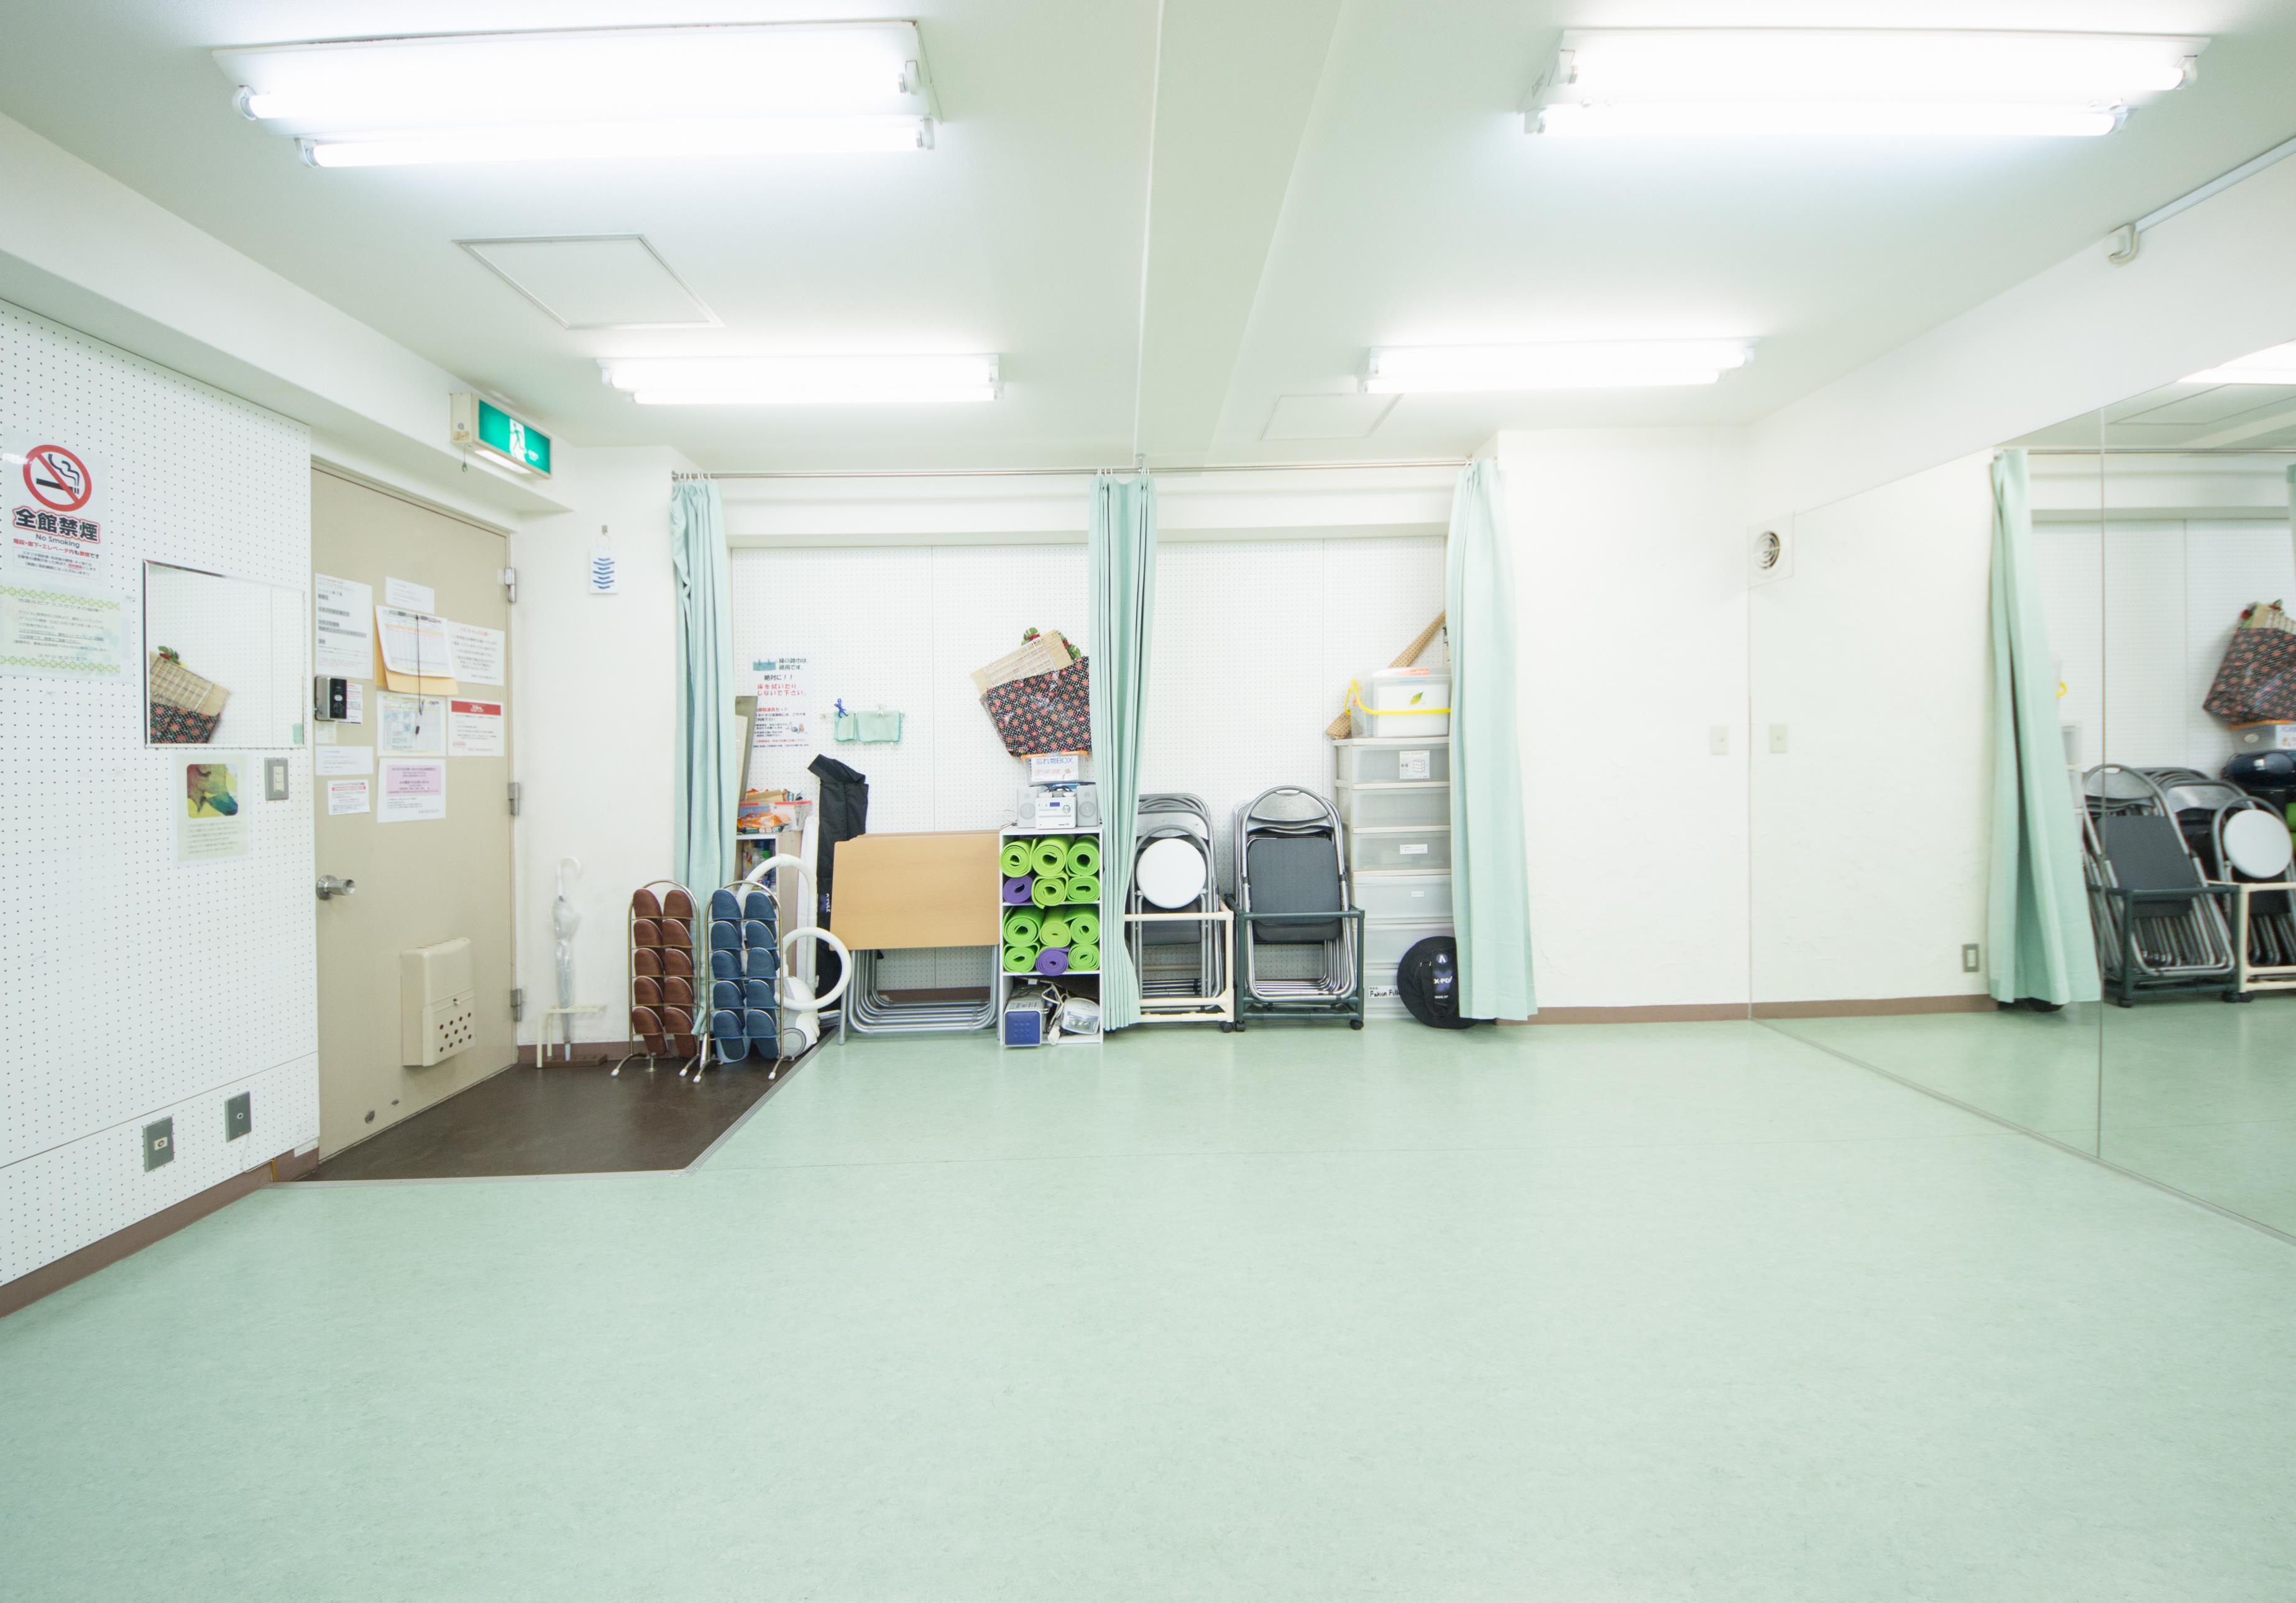 池袋のレンタルスタジオ『ルピナス』スタジオ内3